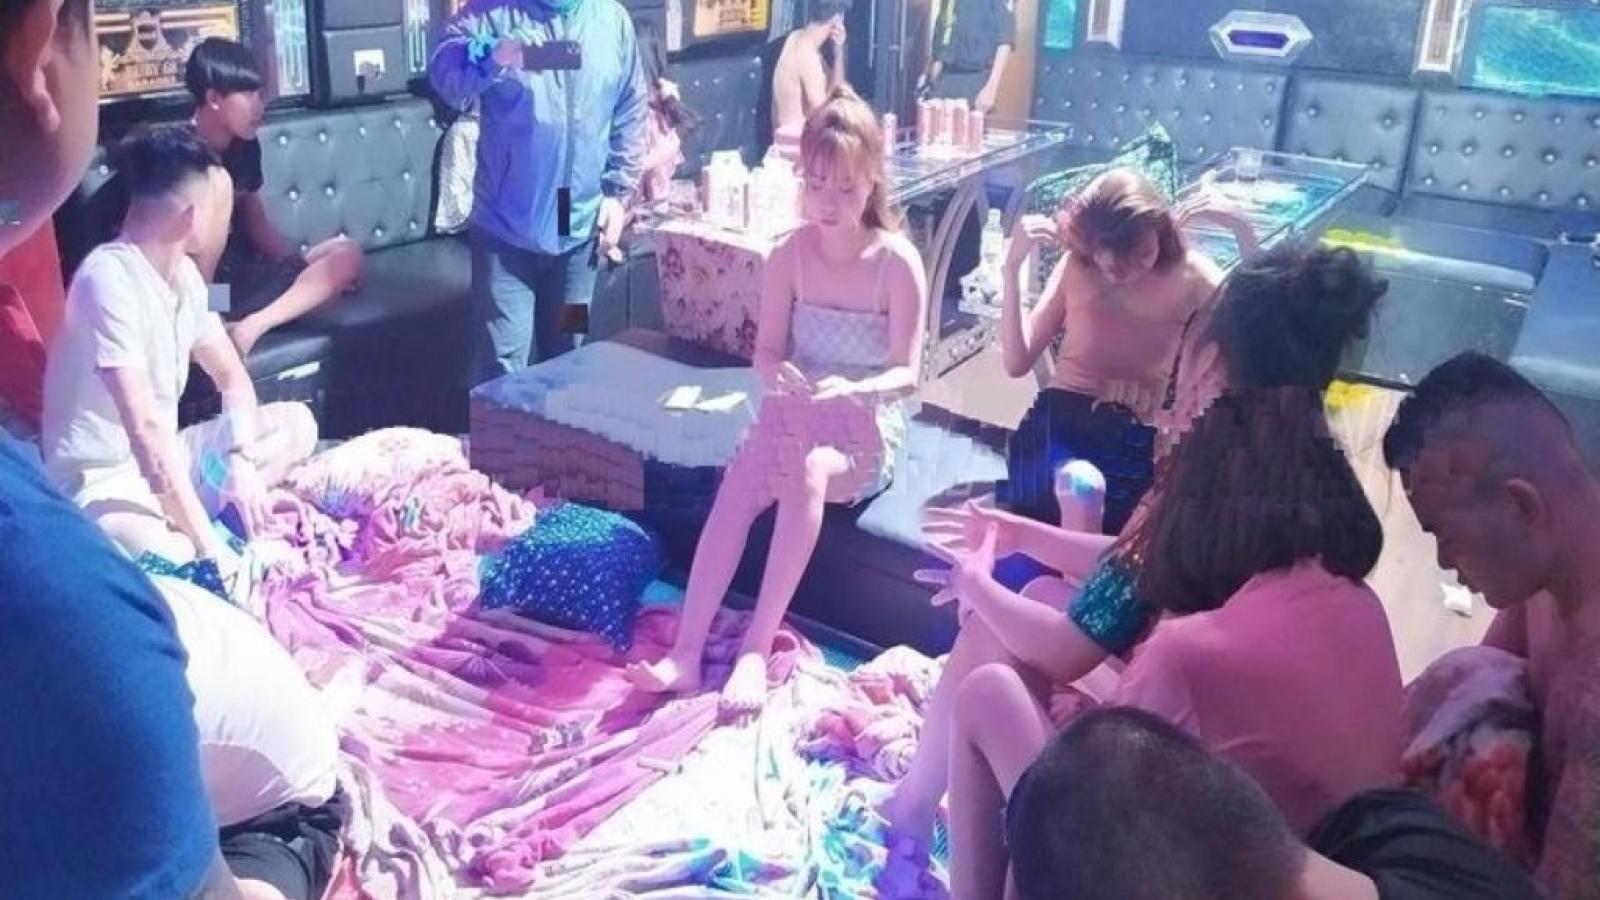 17 thanh niên sử dụng ma túy trong quán karaoke giữa mùa dịch